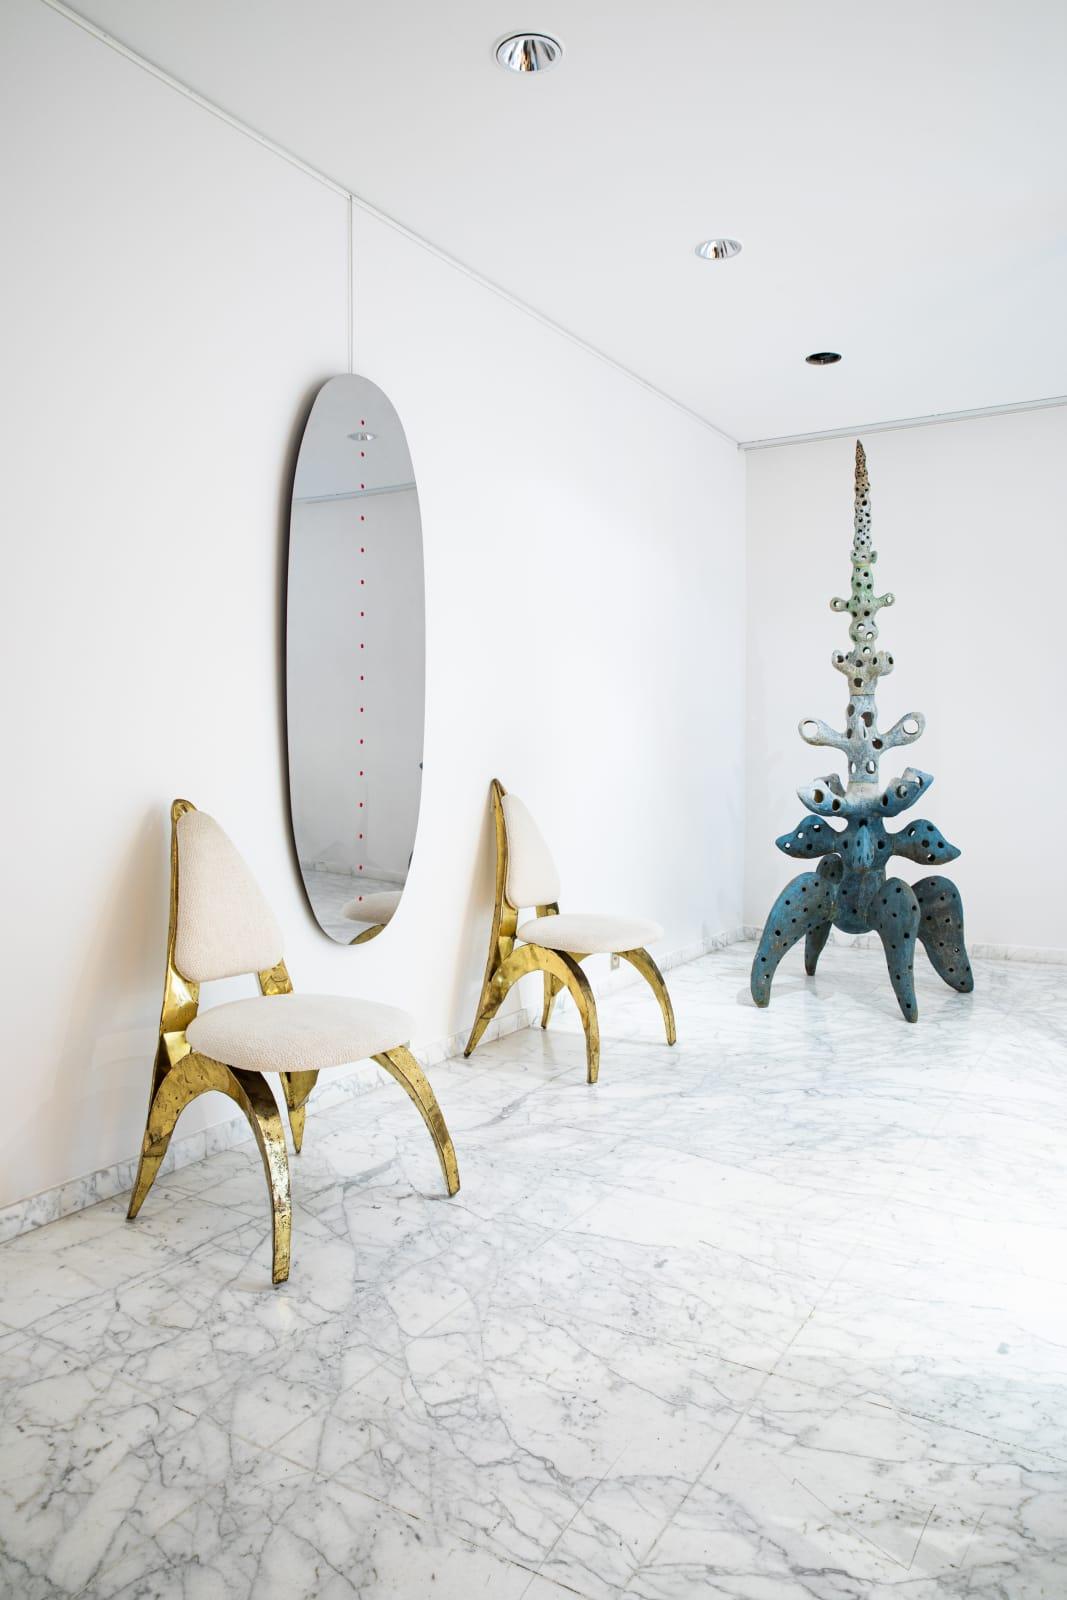 PAIR OF CHAIRS, HONORÉ PARIS MIRROR, DINO GAVINA Arbre à Quatre sculpture, Agnès Debizet